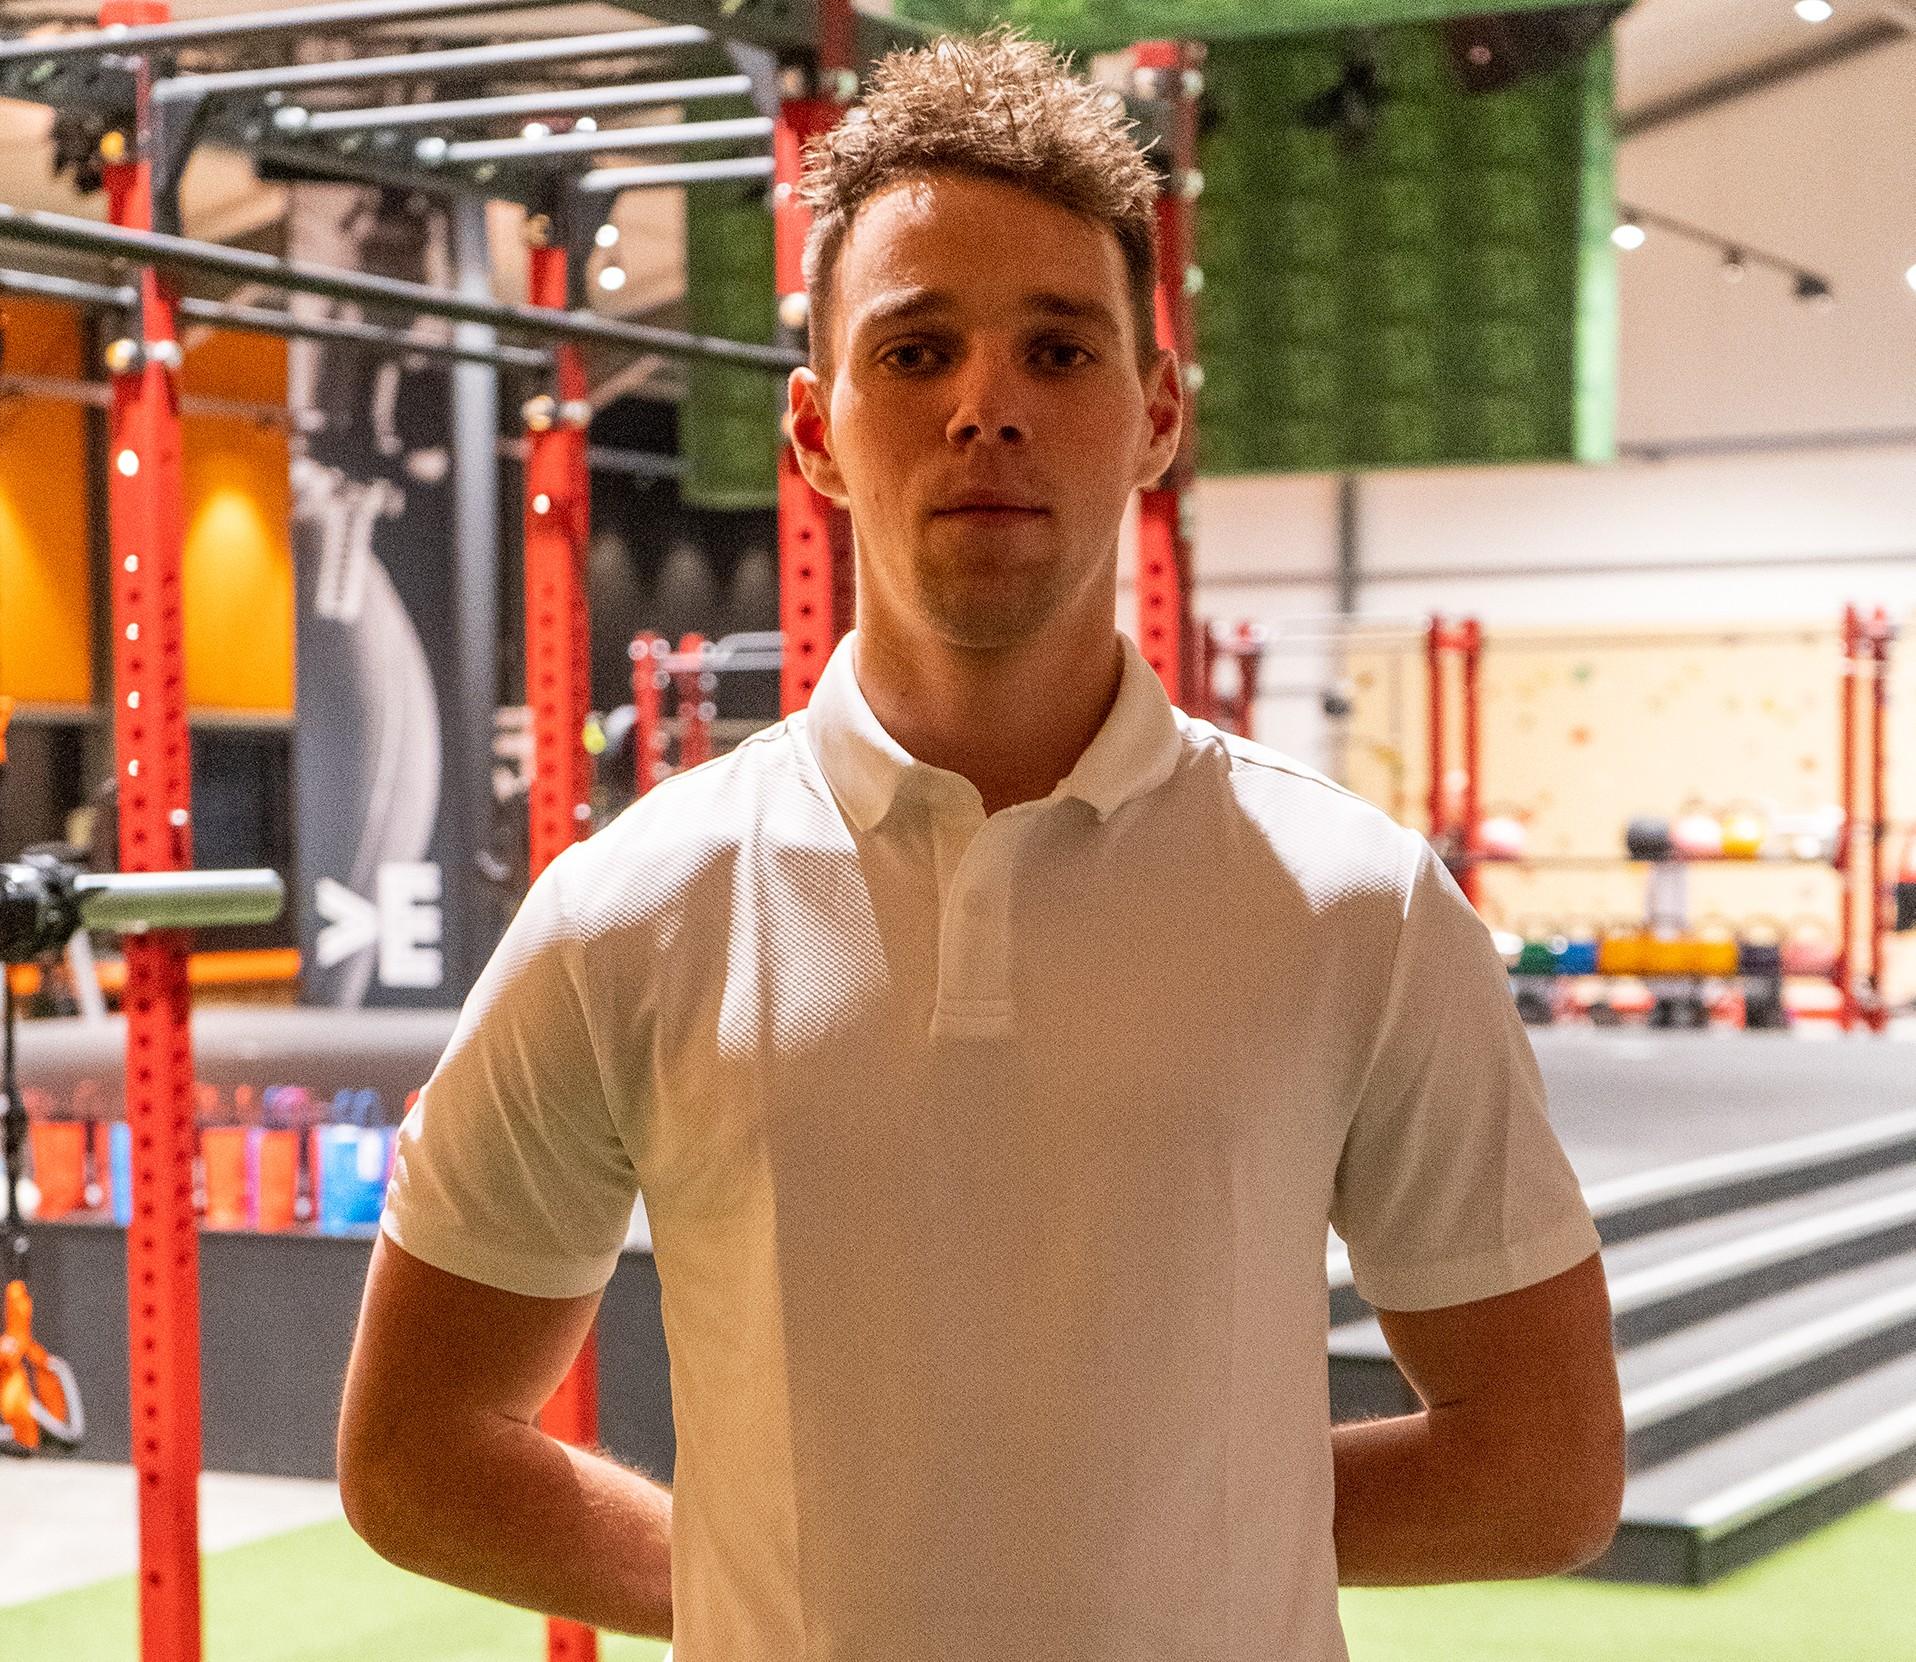 Ruben Eijzenga fitness trainer